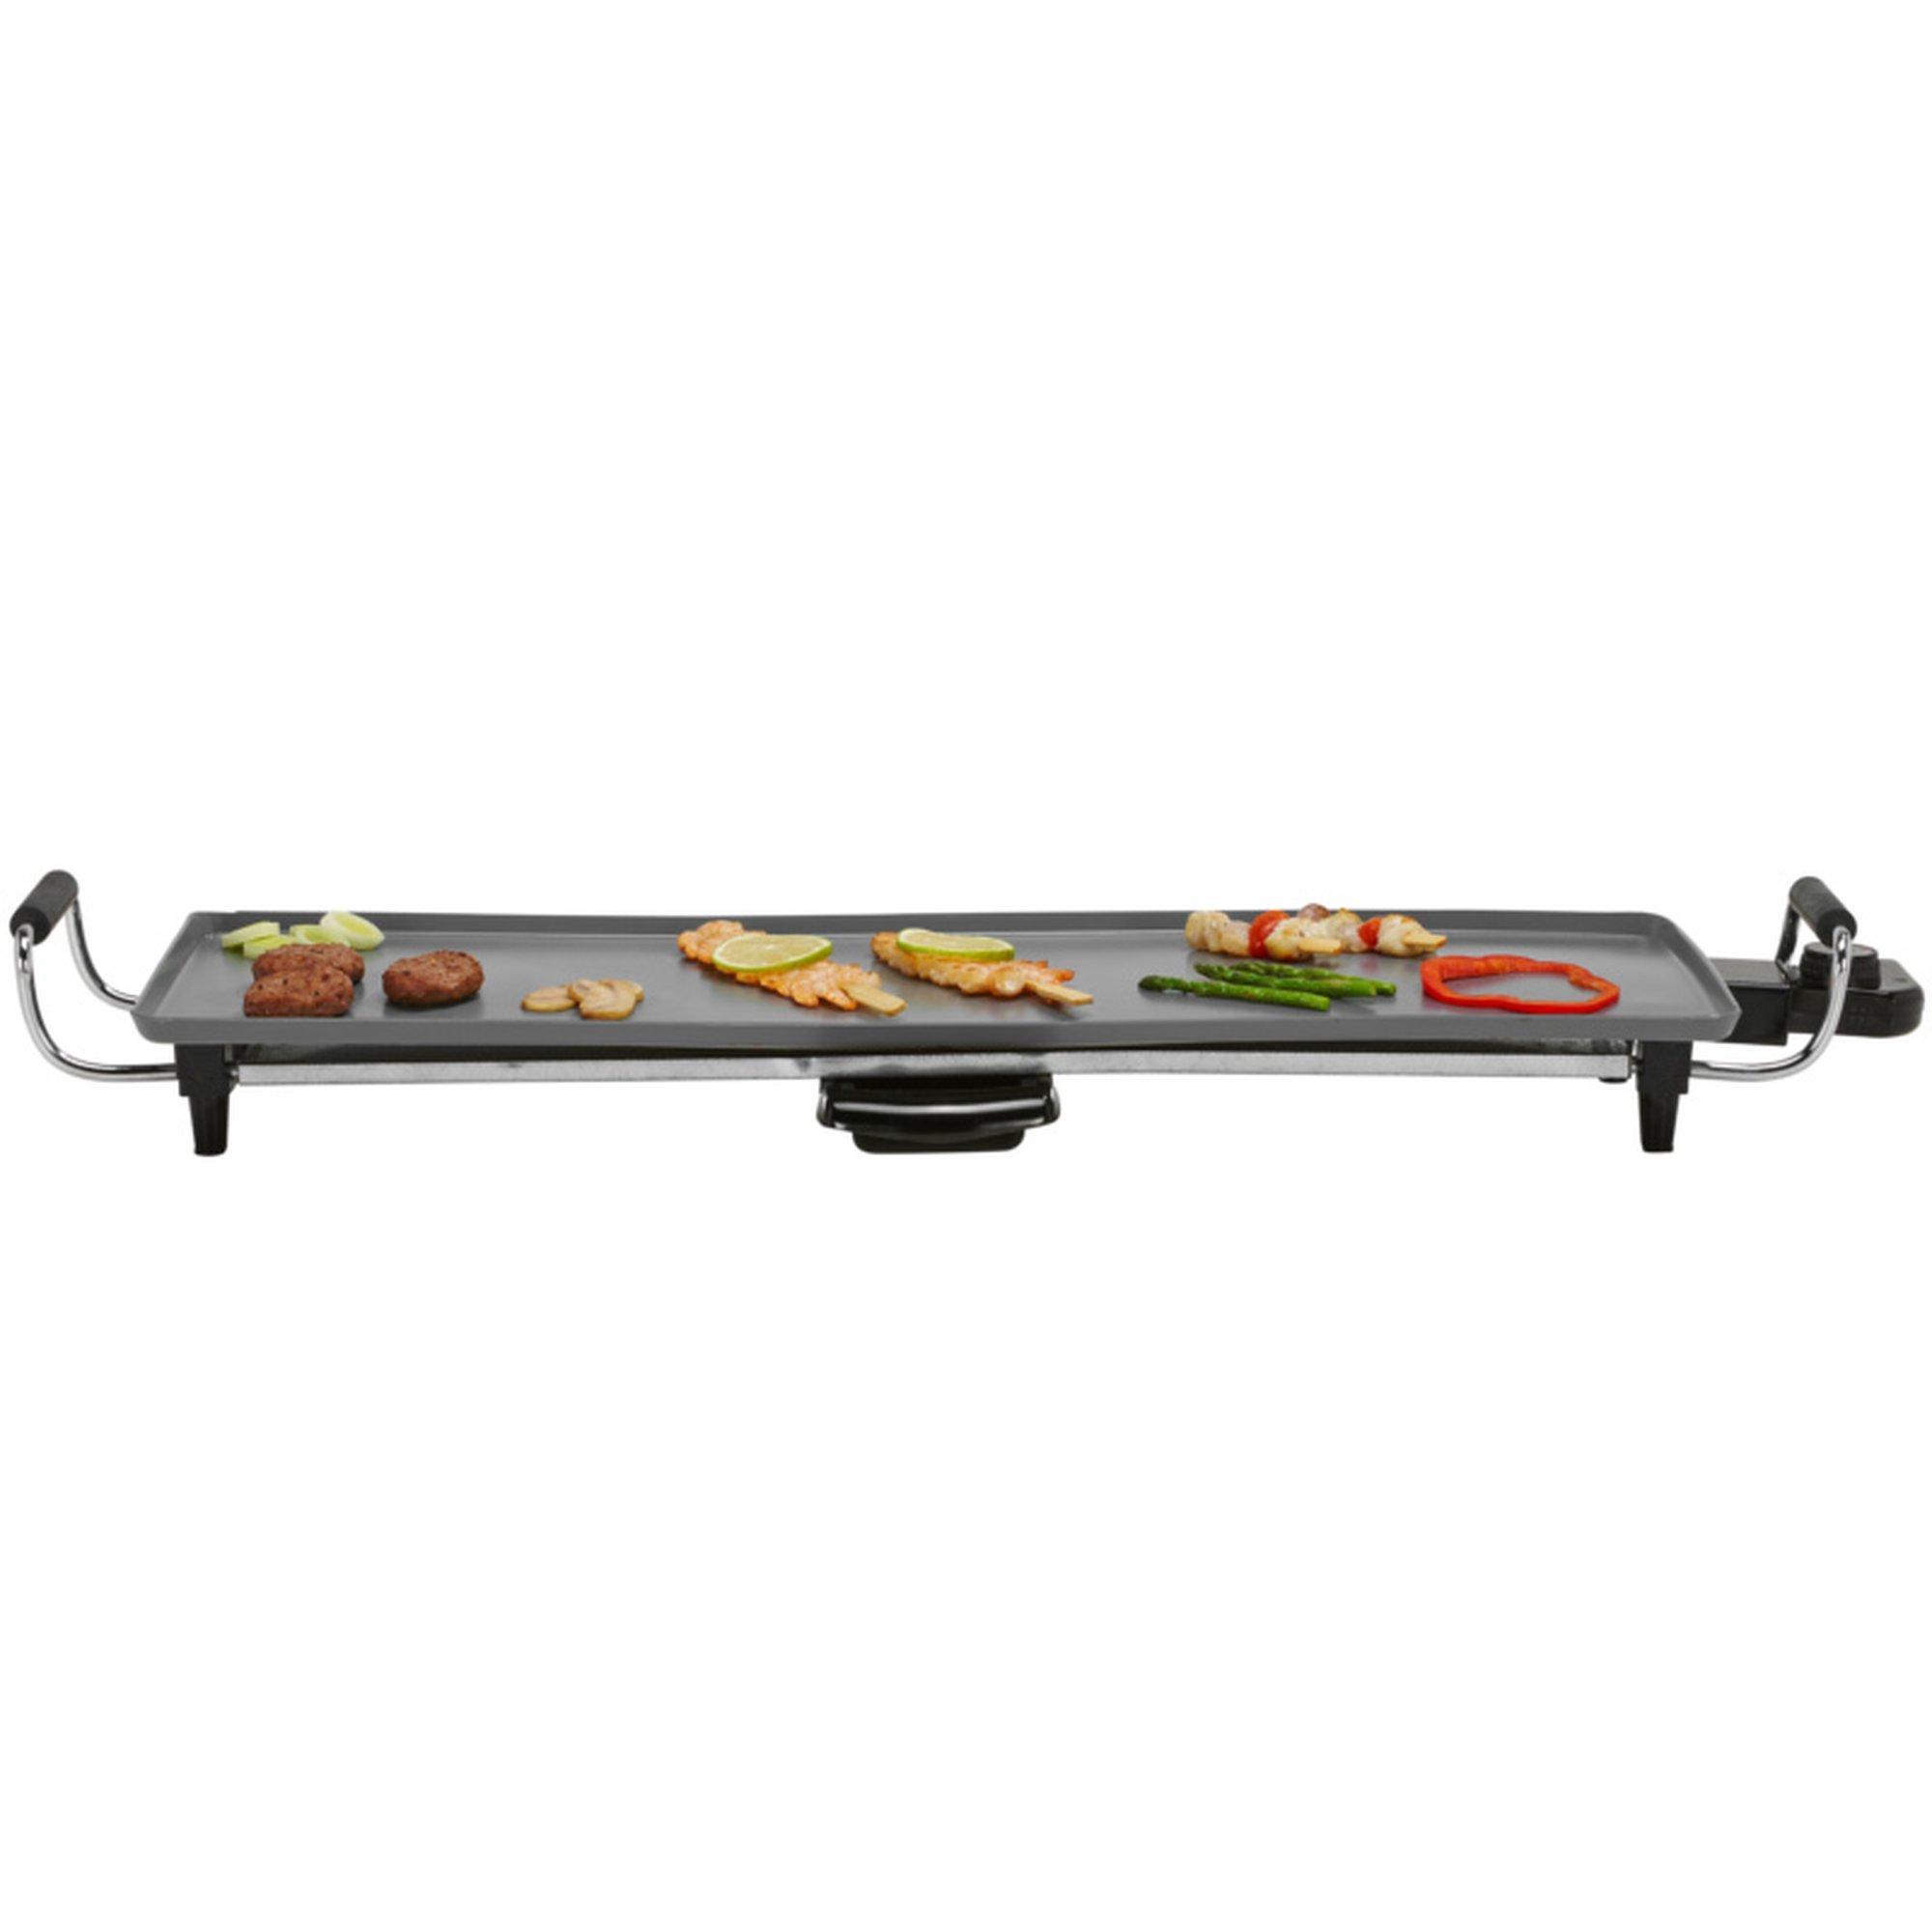 Techwood Teppan yaki grill TTP-2371 Elektriskgrill